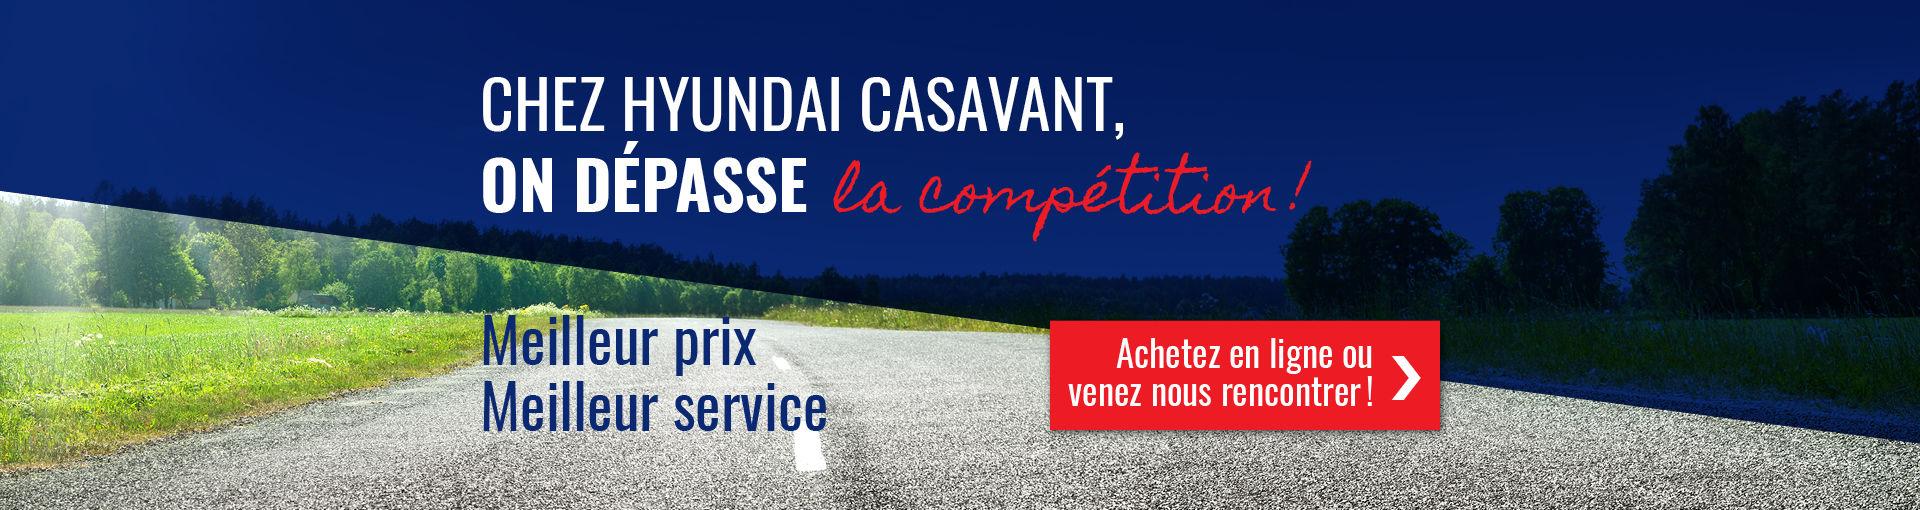 Chez Hyundai Casavant on dépasse la compétition, véhicules neufs